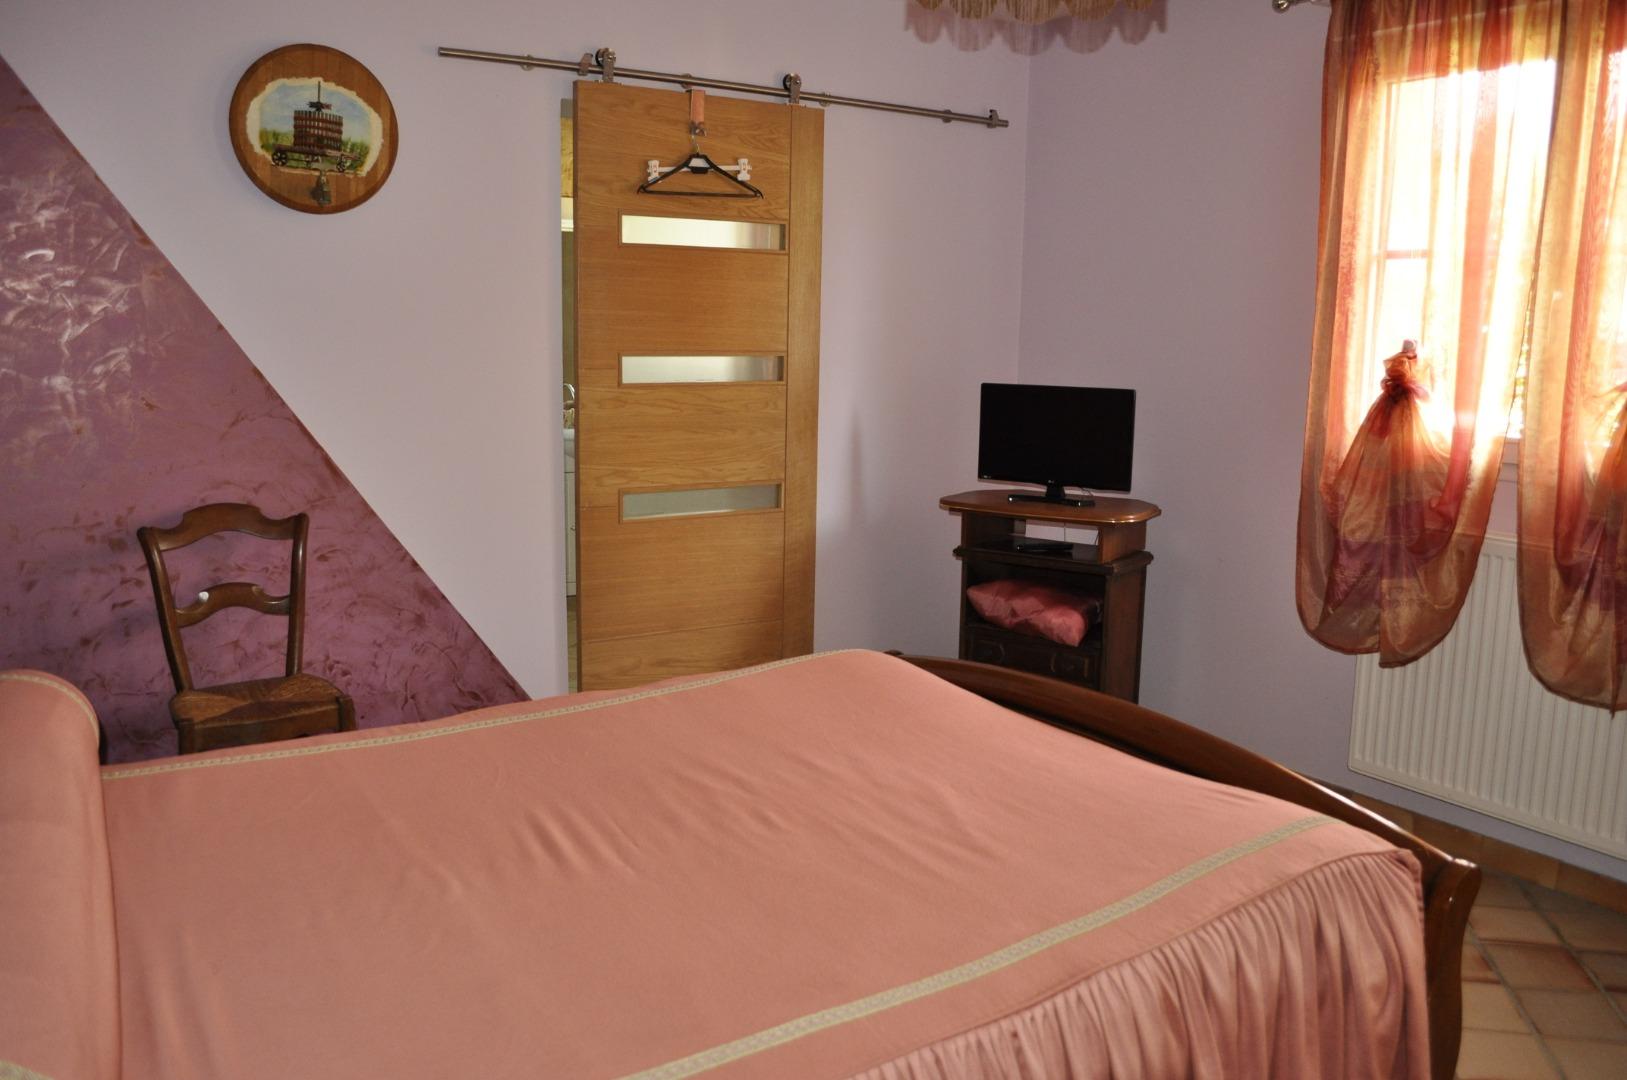 Grande chambre d'hôte pour couple à Ludon-Médoc